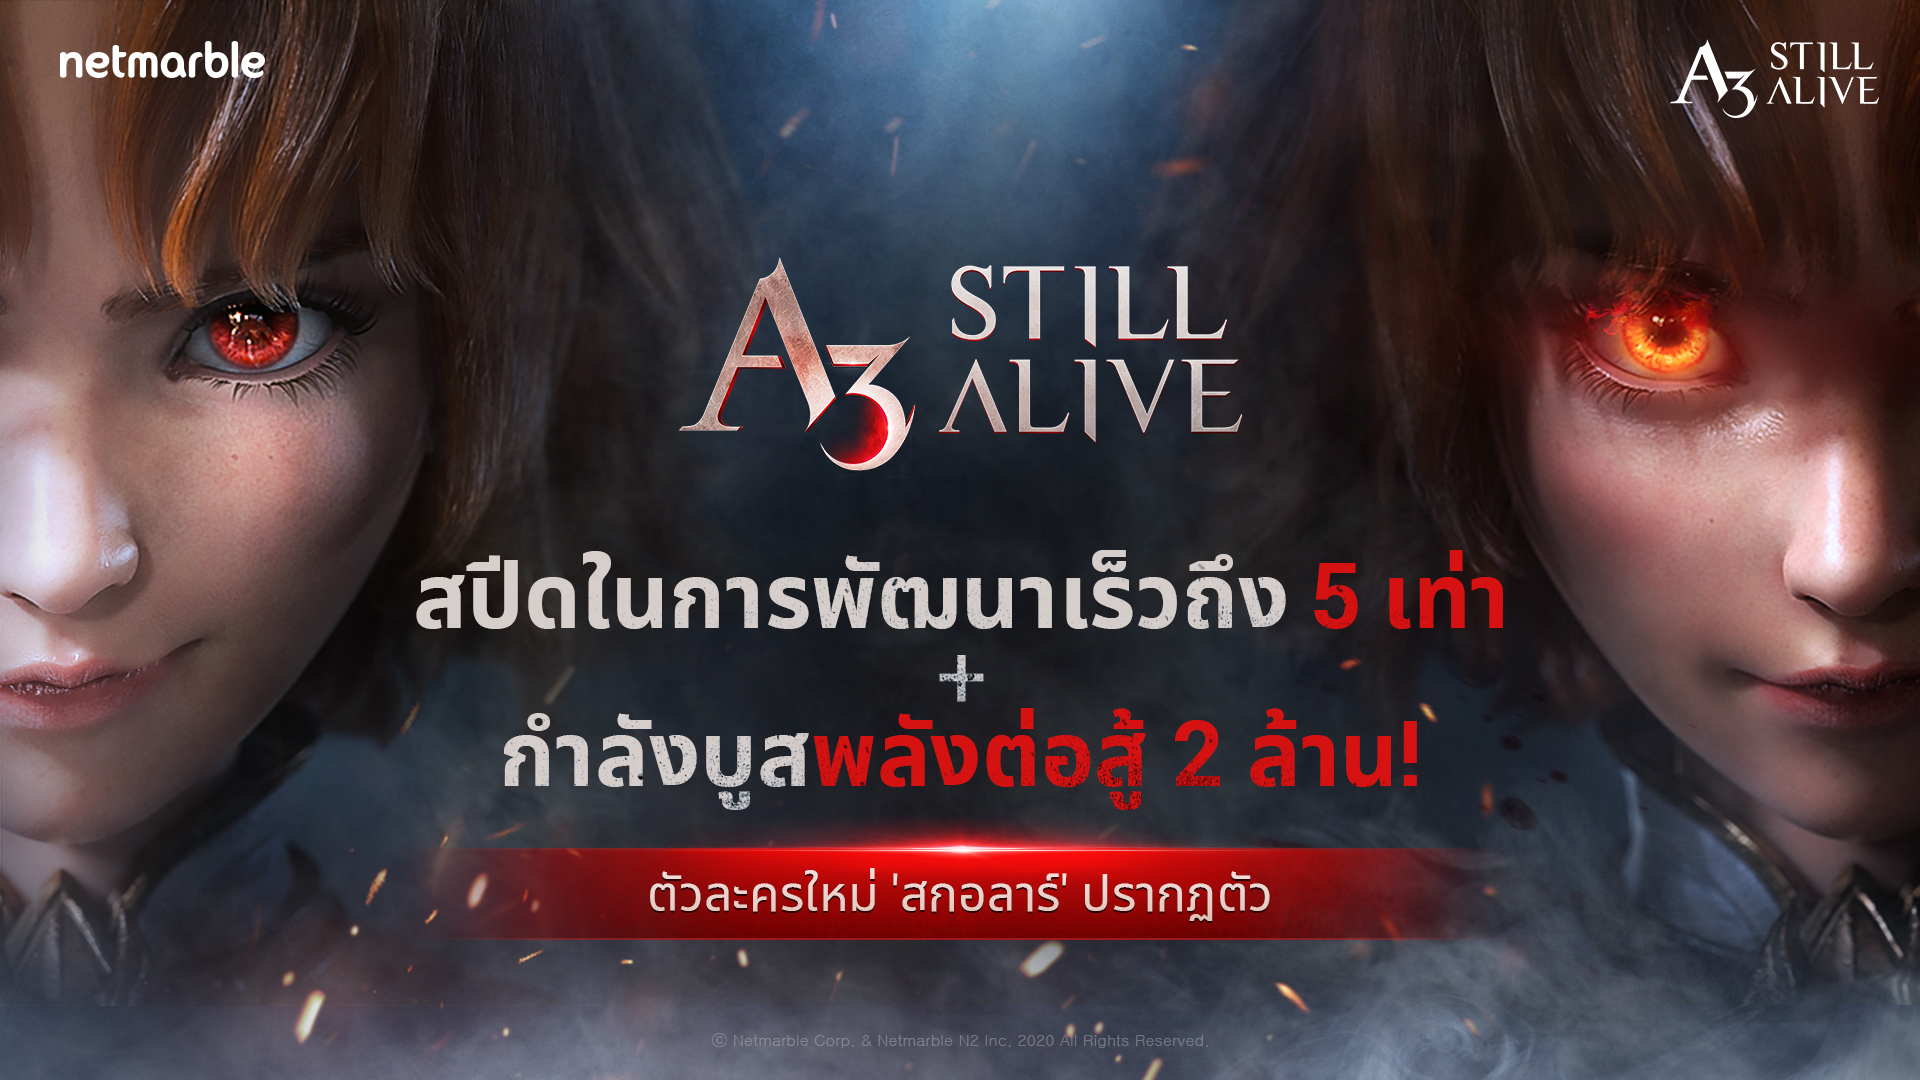 A3 STILL ALIVE 1642021